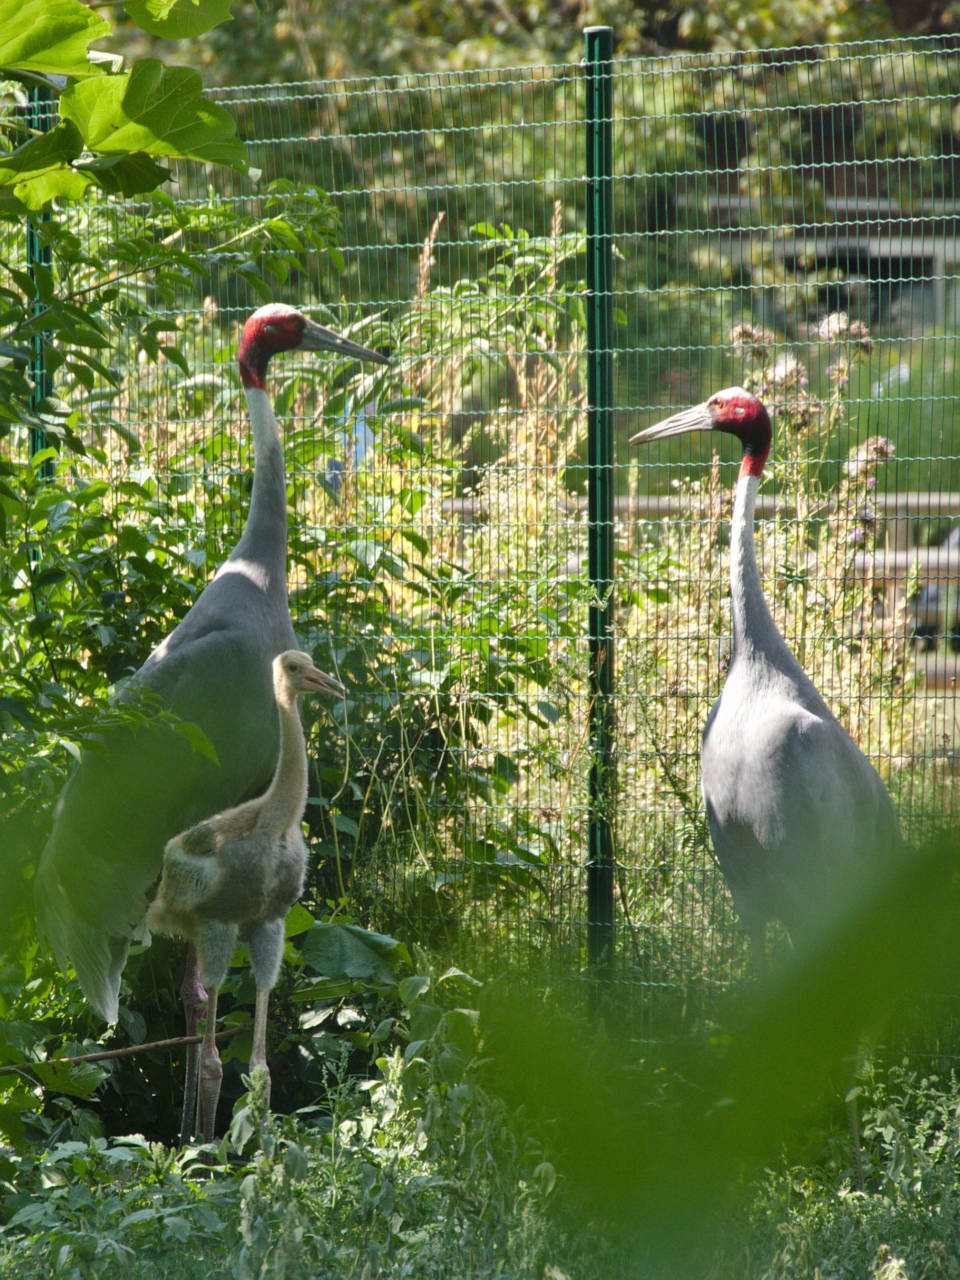 20190825_Zoologischer_Garten_Karlsruhe_037